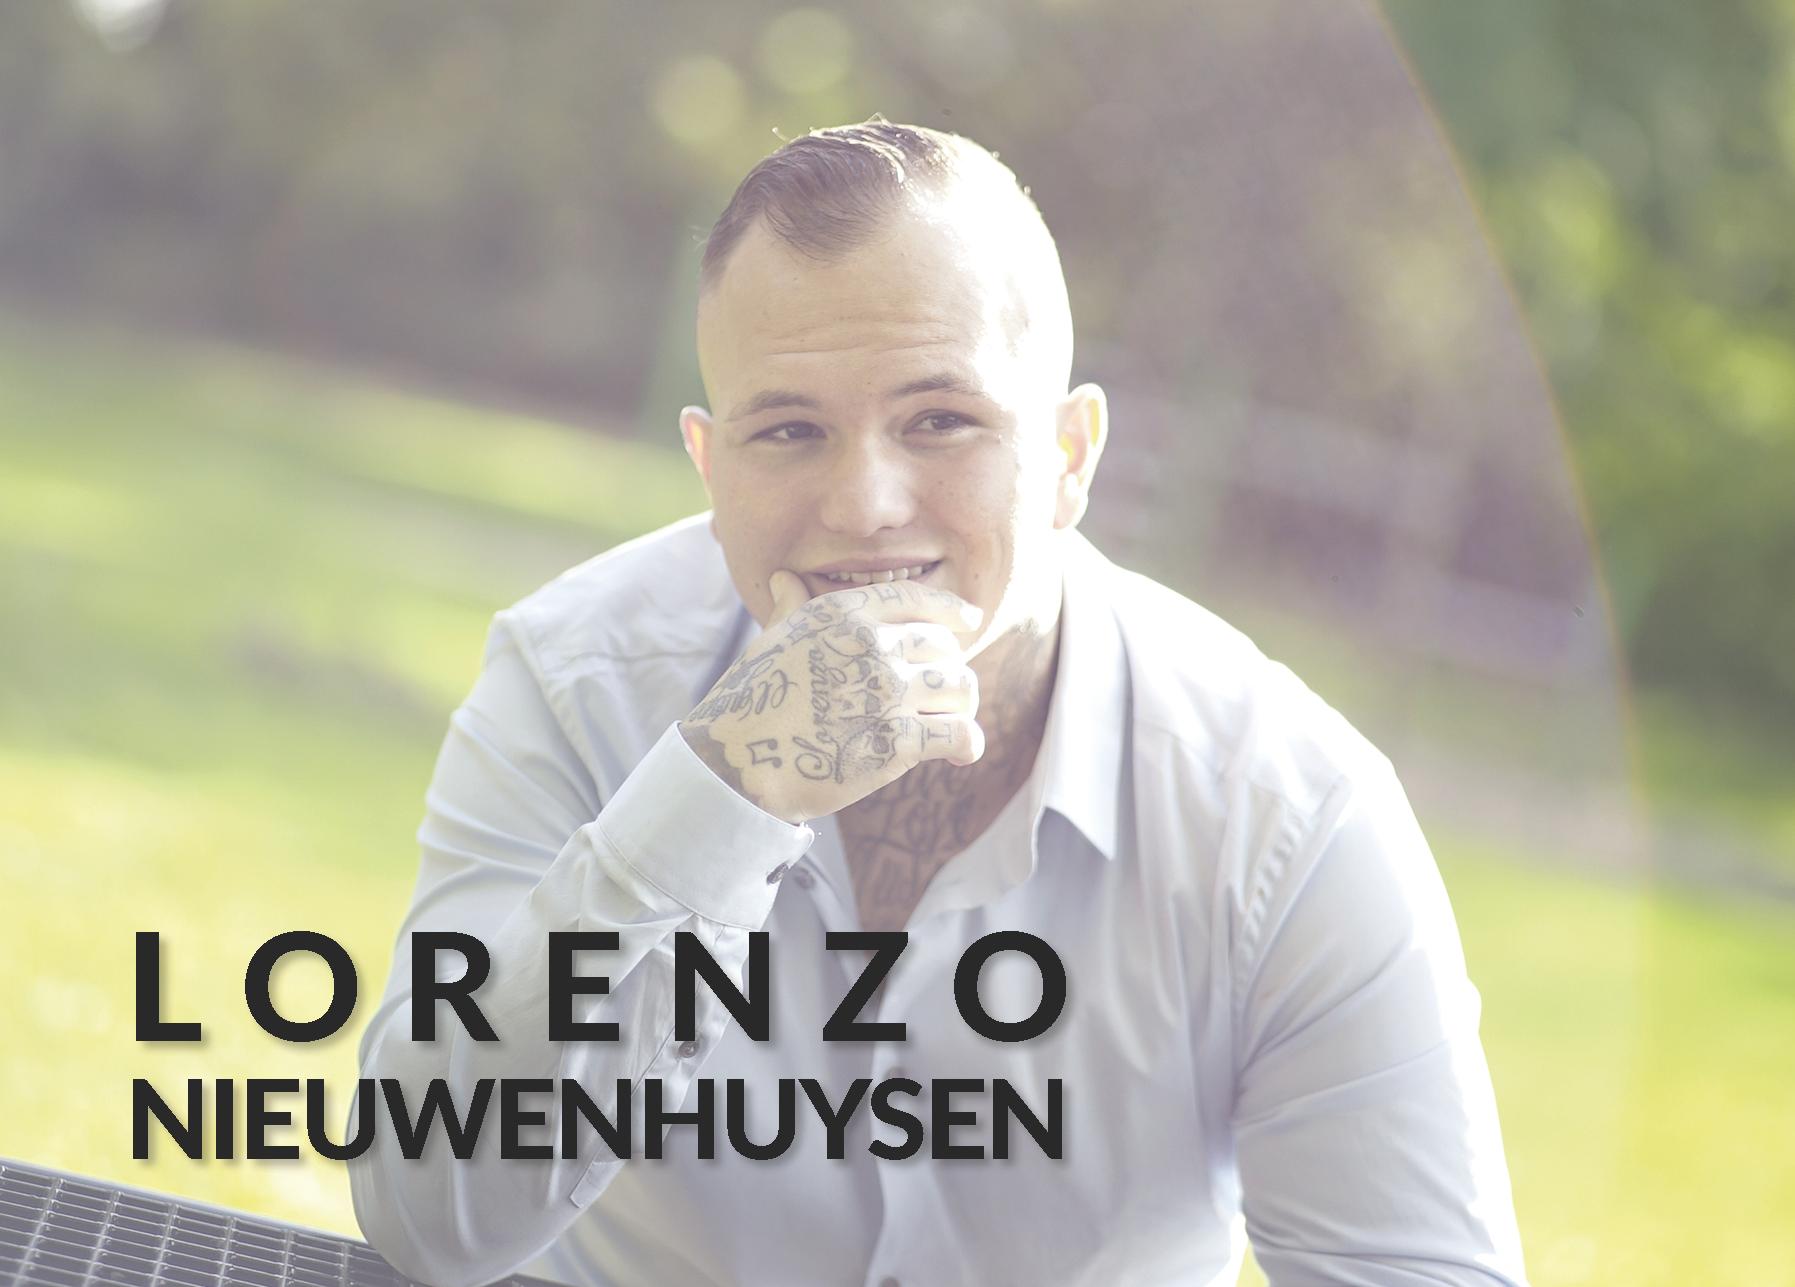 Double-You-Music-NL-Lorenzo-Nieuwenhuysen-Fotokaart-Voorkant